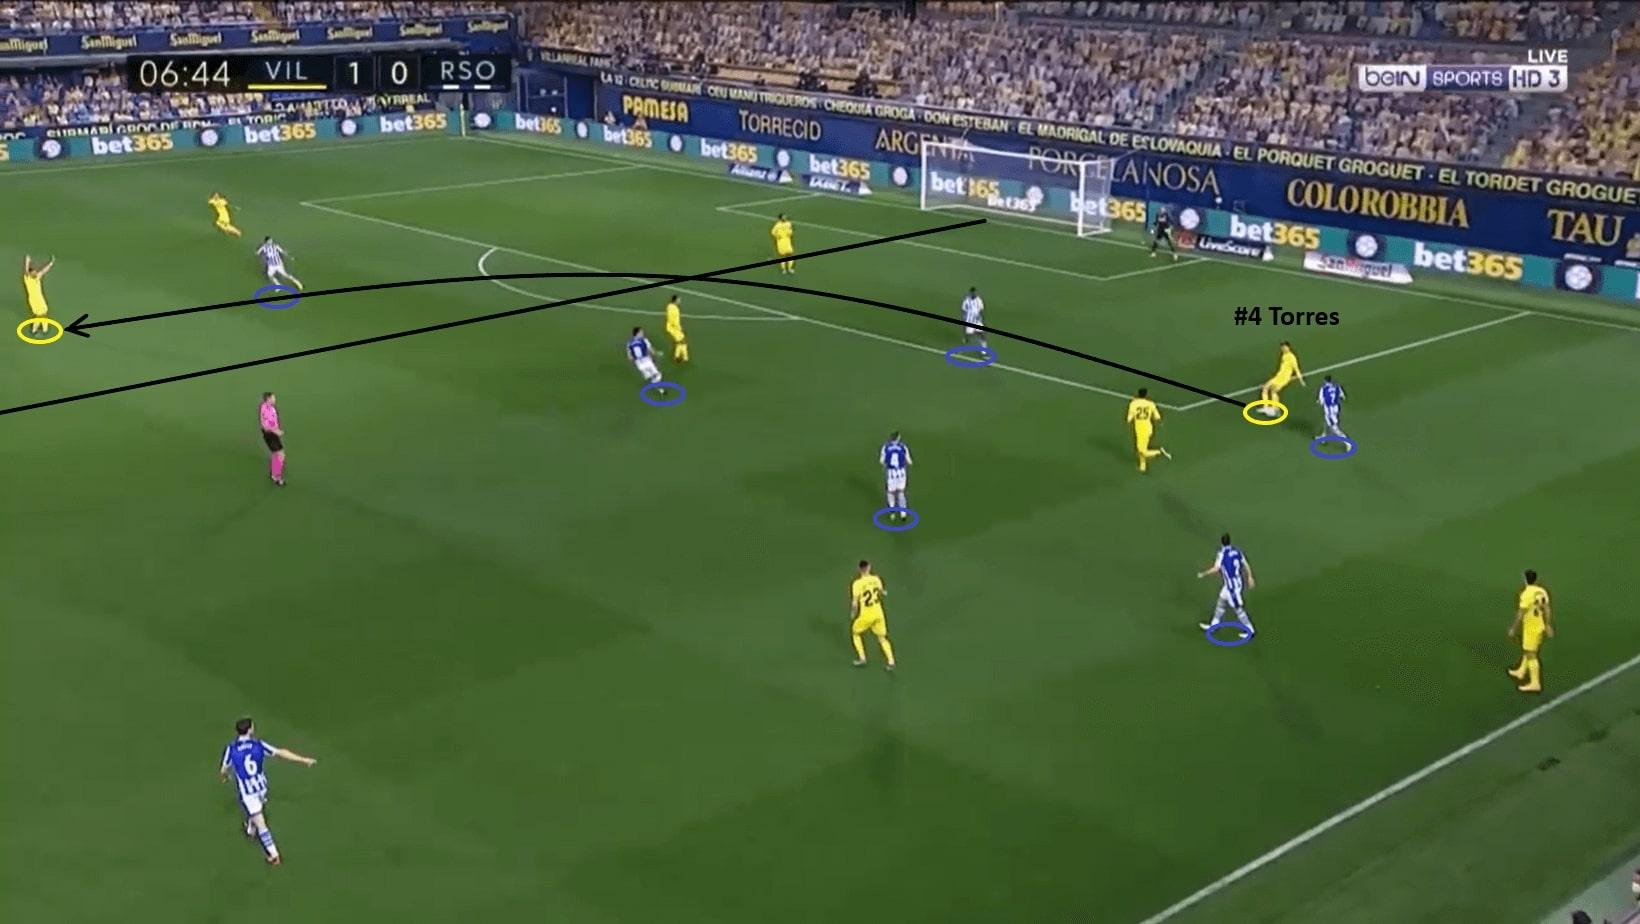 Pau Torres 2020/21 - scout report- tactical analysis - tactics